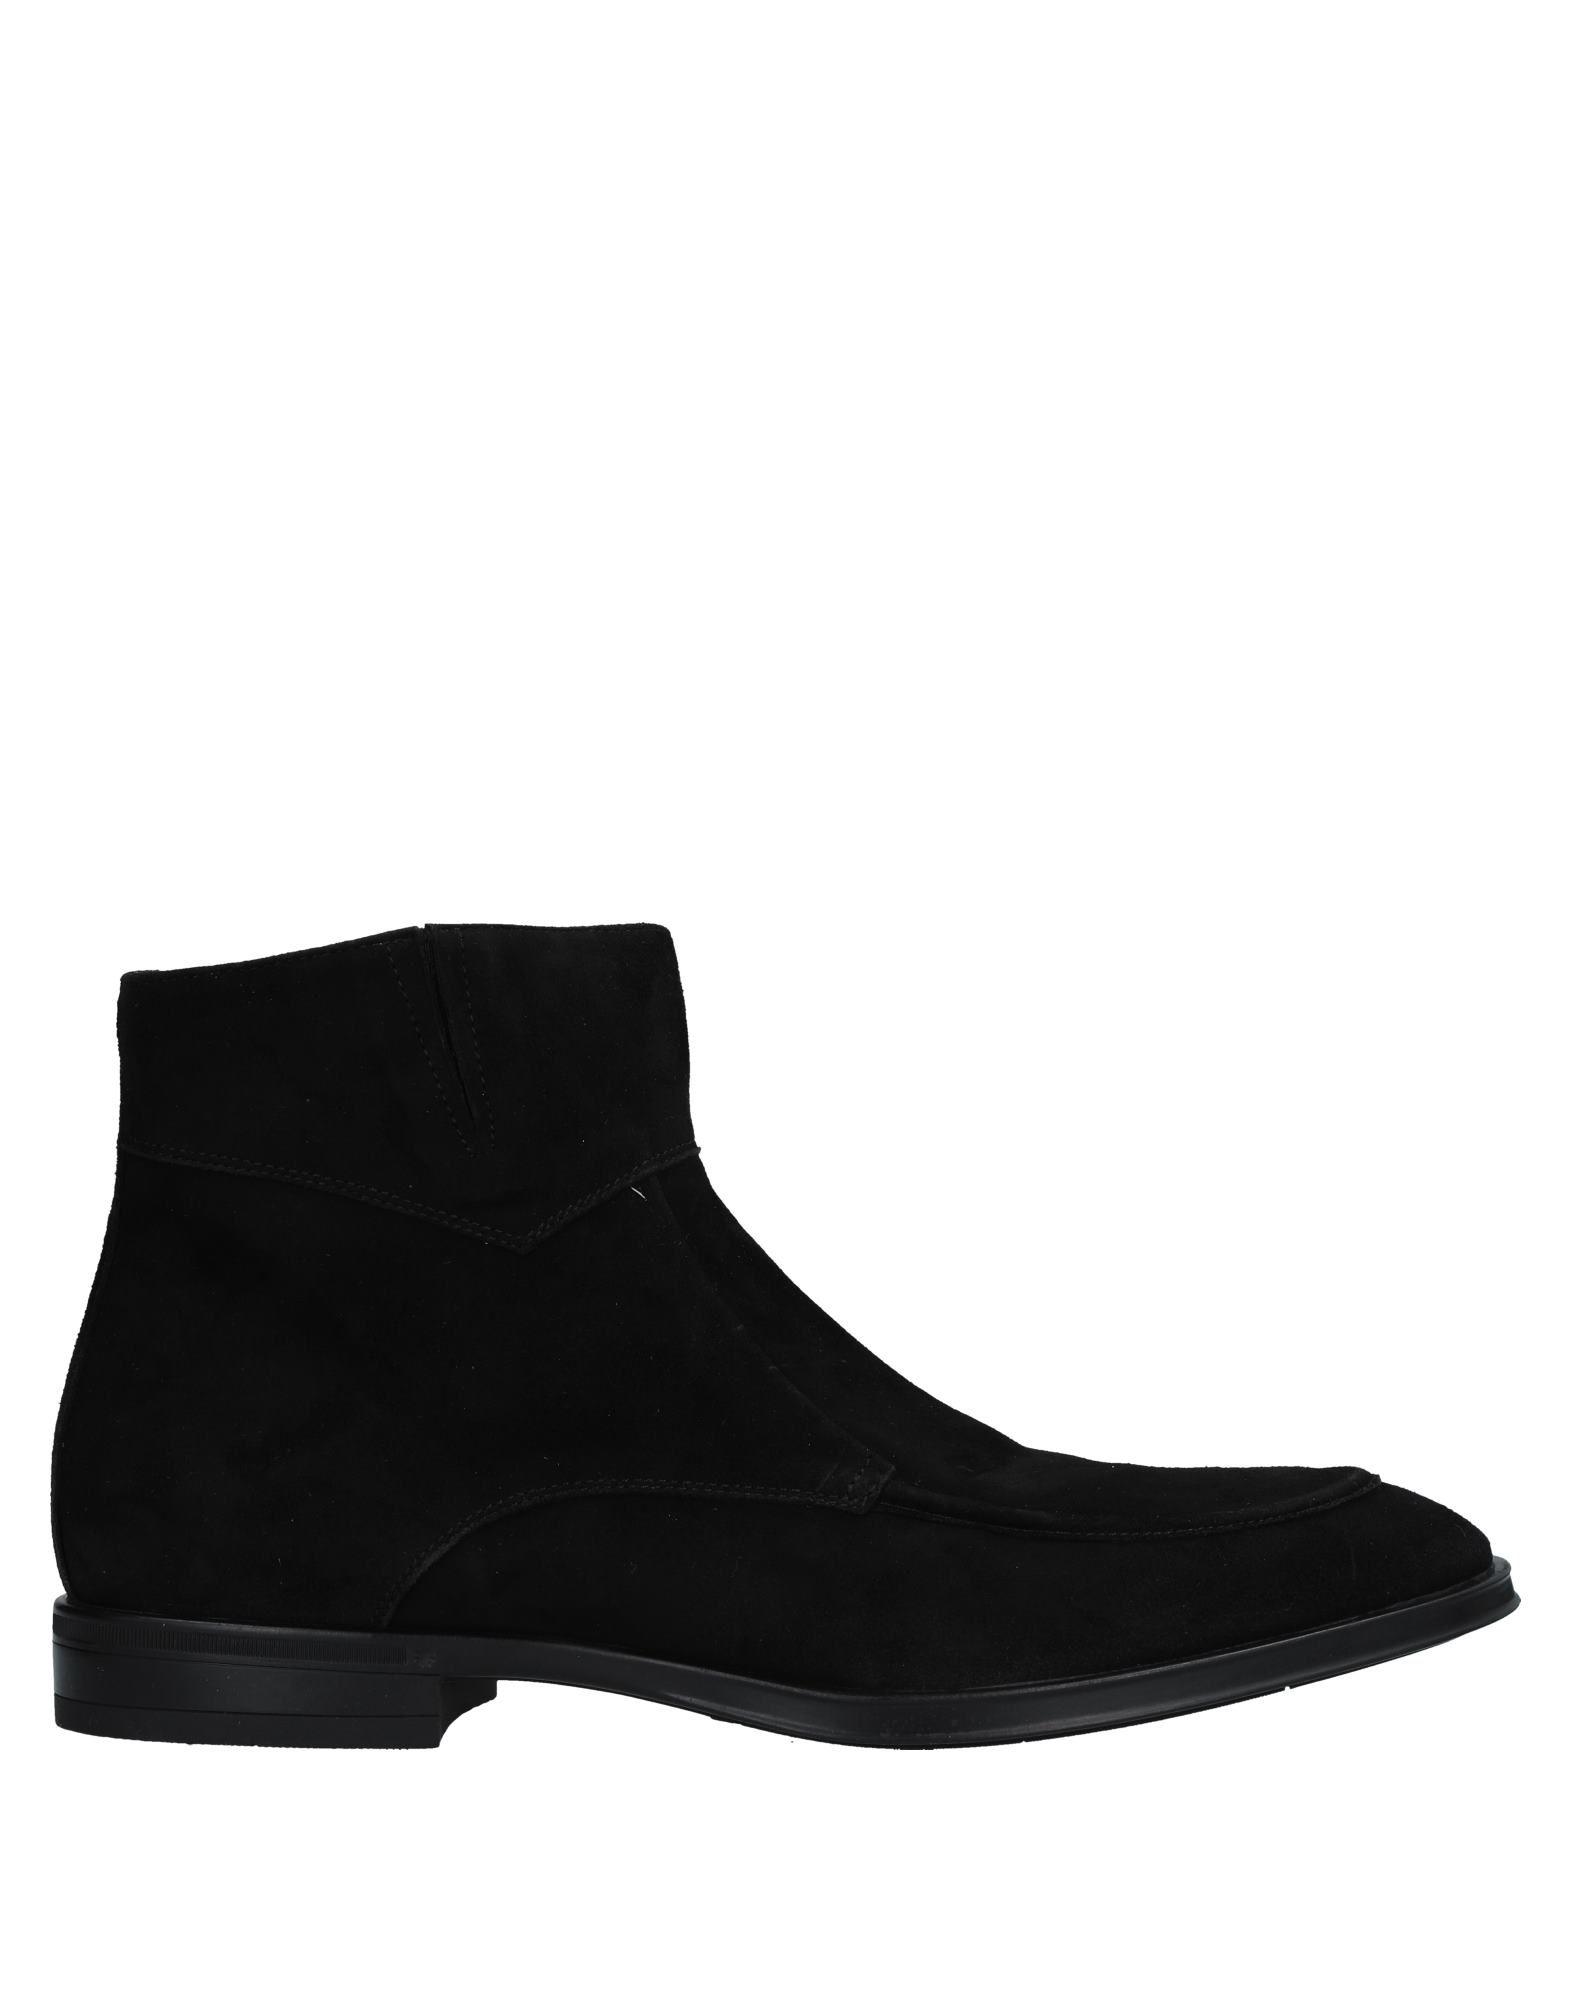 GIOVANNI CONTI Boots in Black